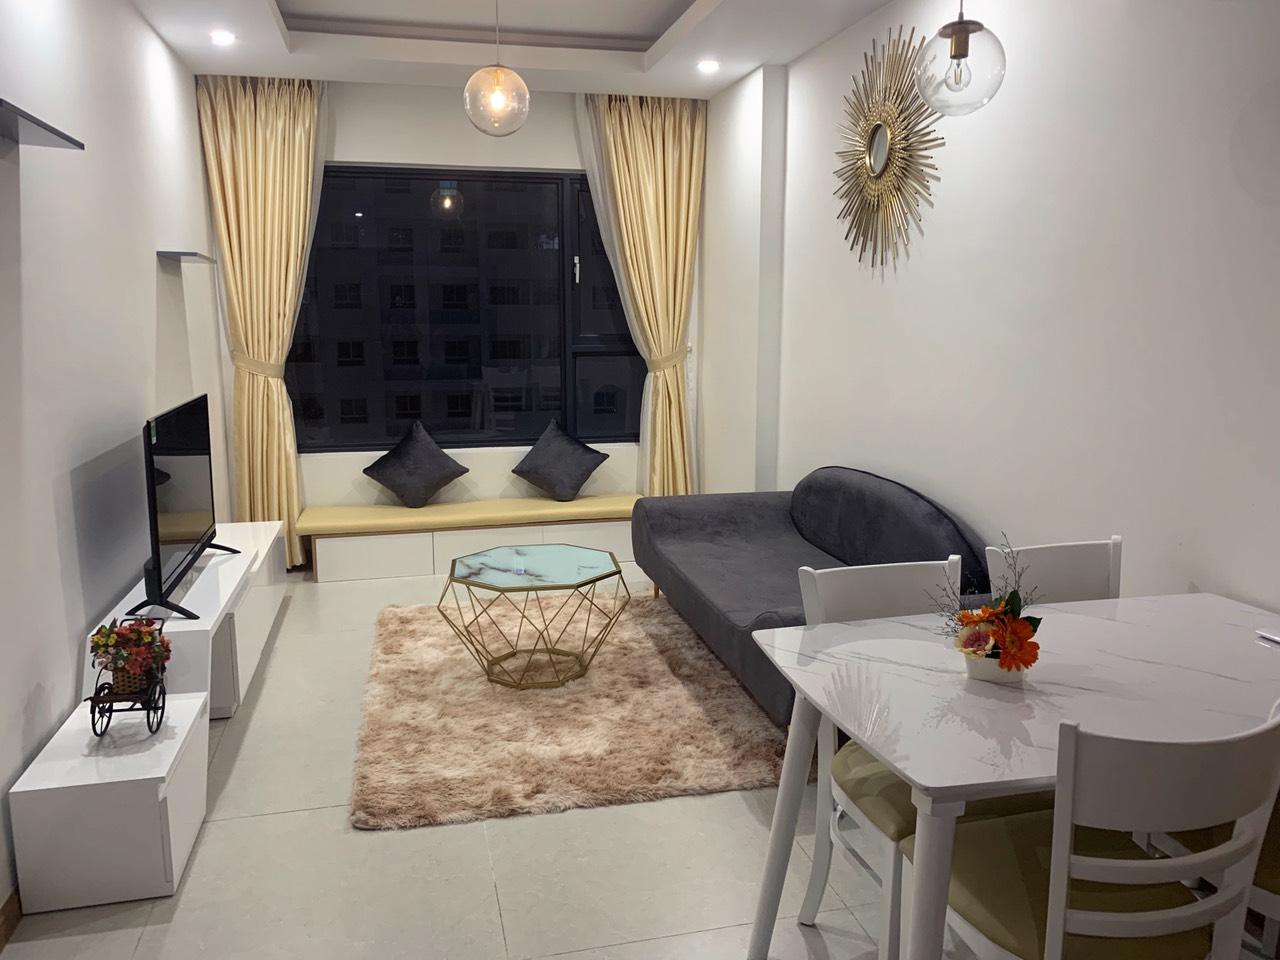 Cho thuê 1 phòng ngủ New City Thủ Thiêm - ID 010152